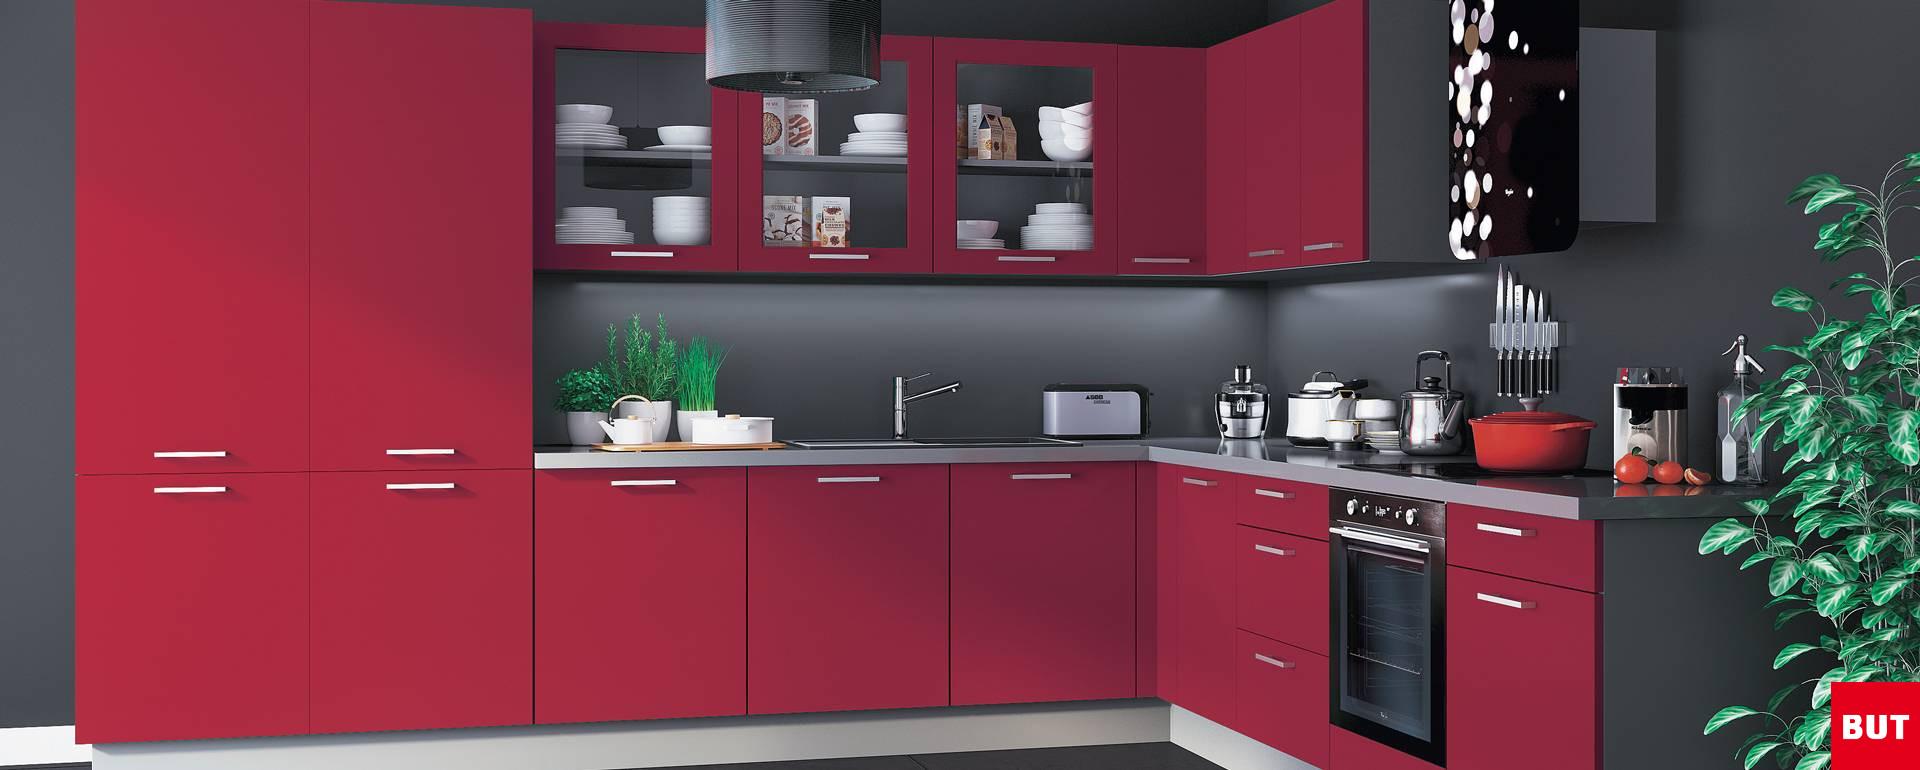 Cuisine couleur bordeaux brillant cuisine contemporaine 7 mod les de cuisin - Cuisine couleur bordeaux brillant ...